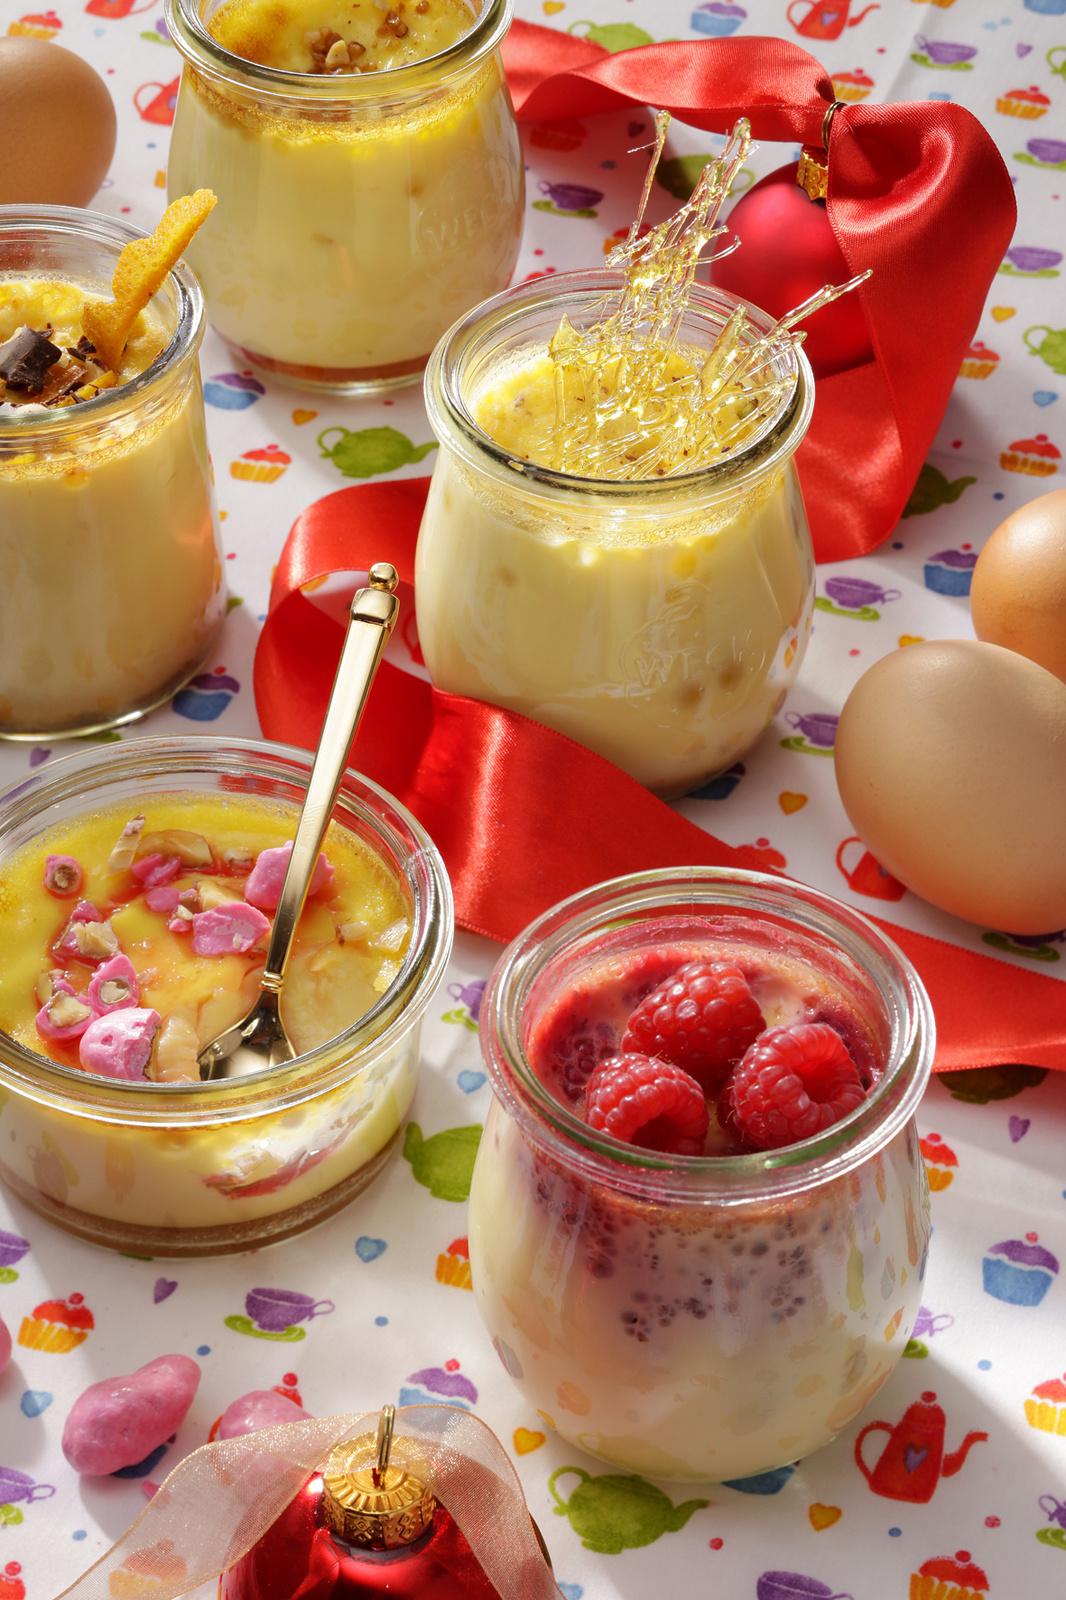 Aujourd'hui c'est la farandole des petits pots d'œufs au lait